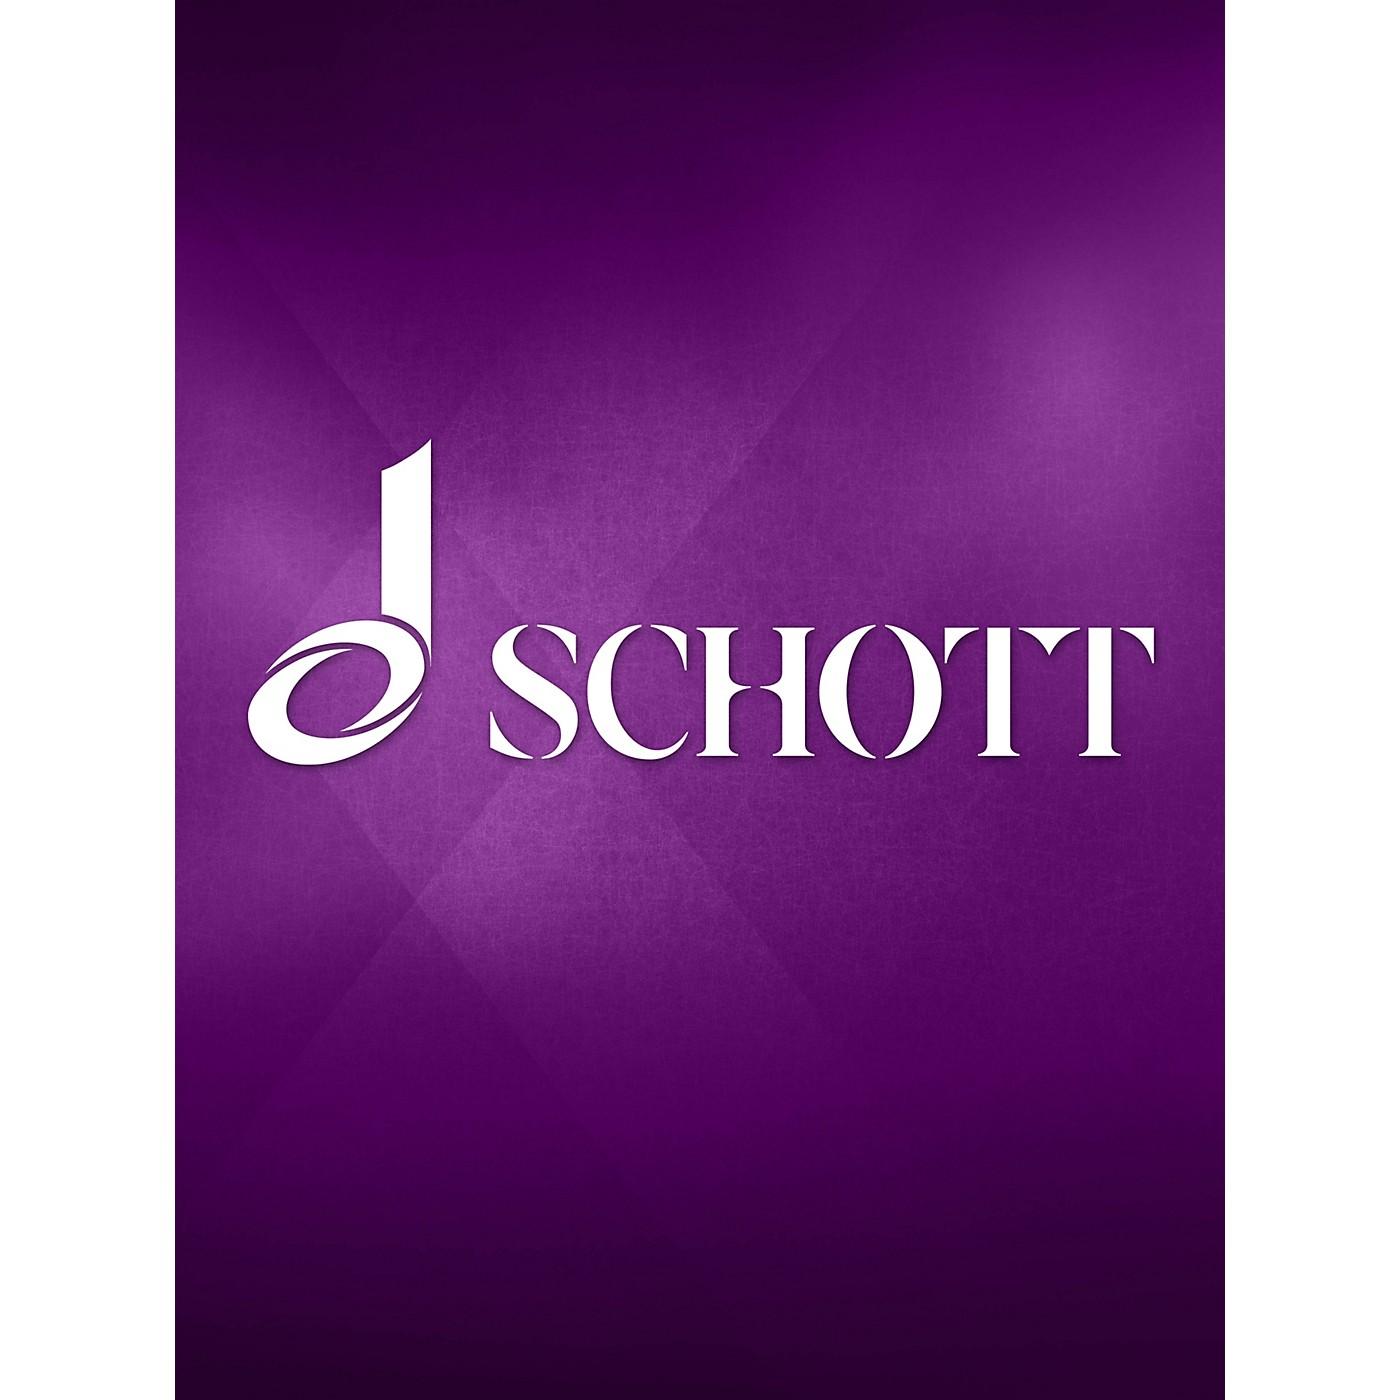 Eulenburg Concerto in C Major (Cello/Bass Part) Schott Series Composed by Giovanni Battista Sammartini thumbnail